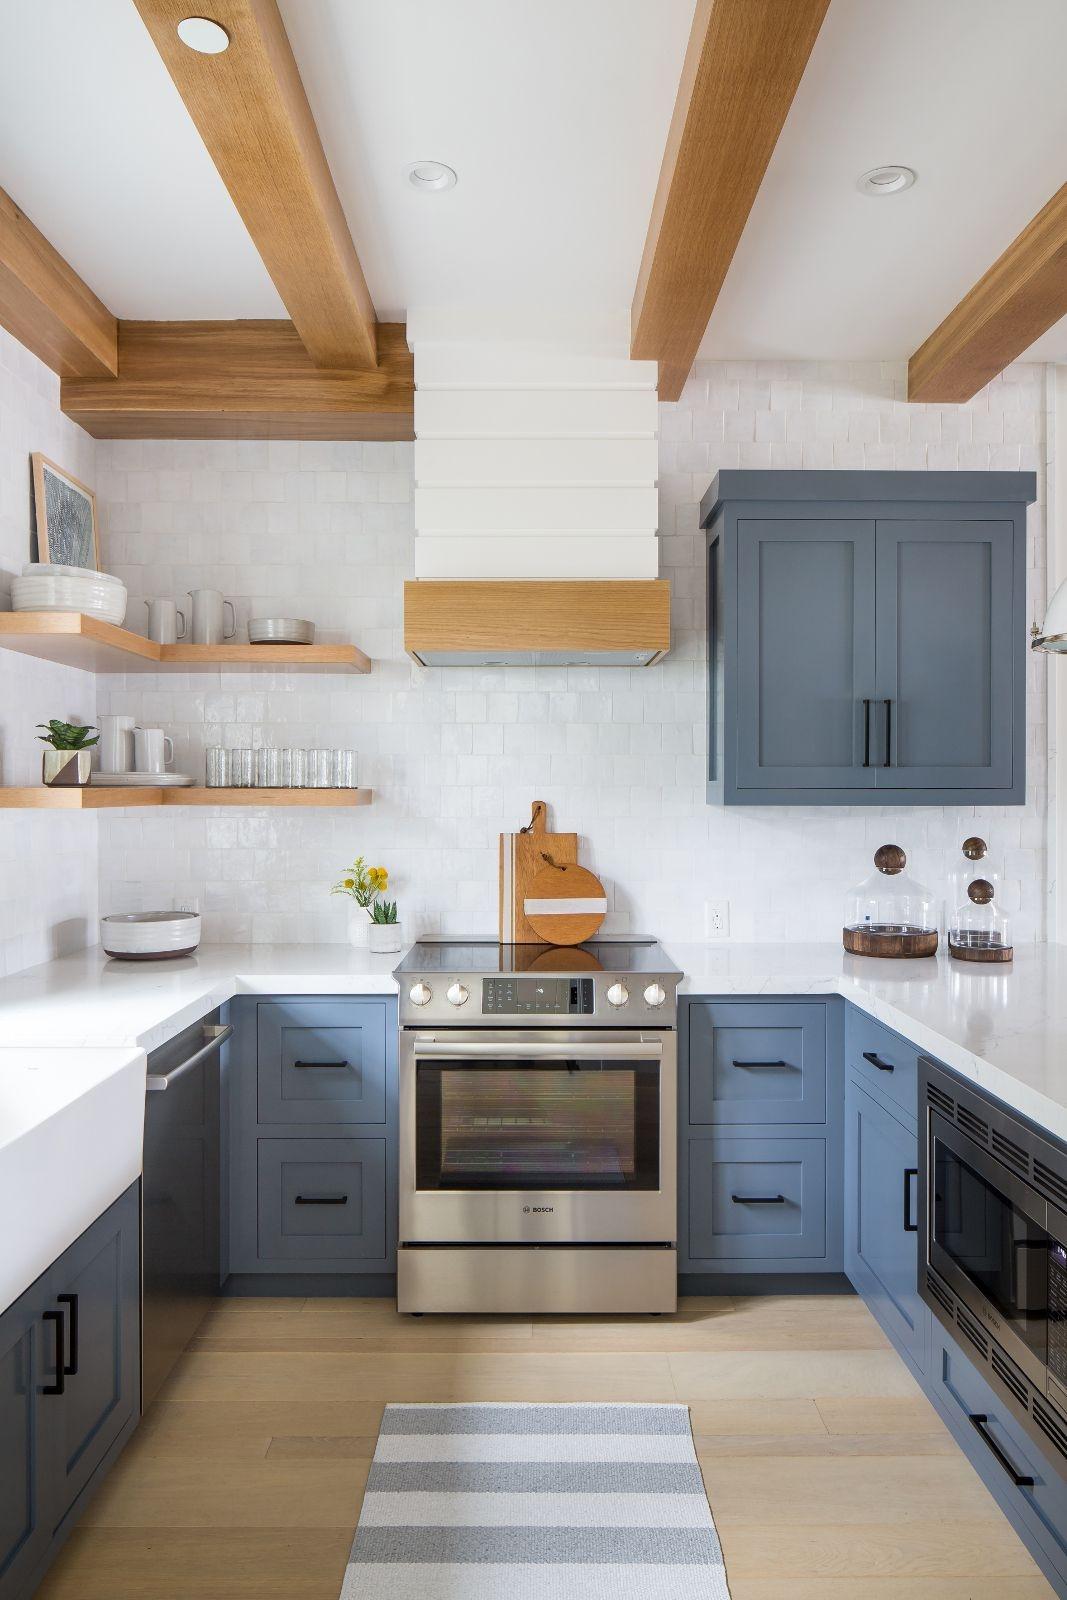 Hệ tủ bếp dưới có thể nên lựa chọn gam màu xanh xám, màu mang đến sự yên tĩnh, ấm cúng và hiện đại.